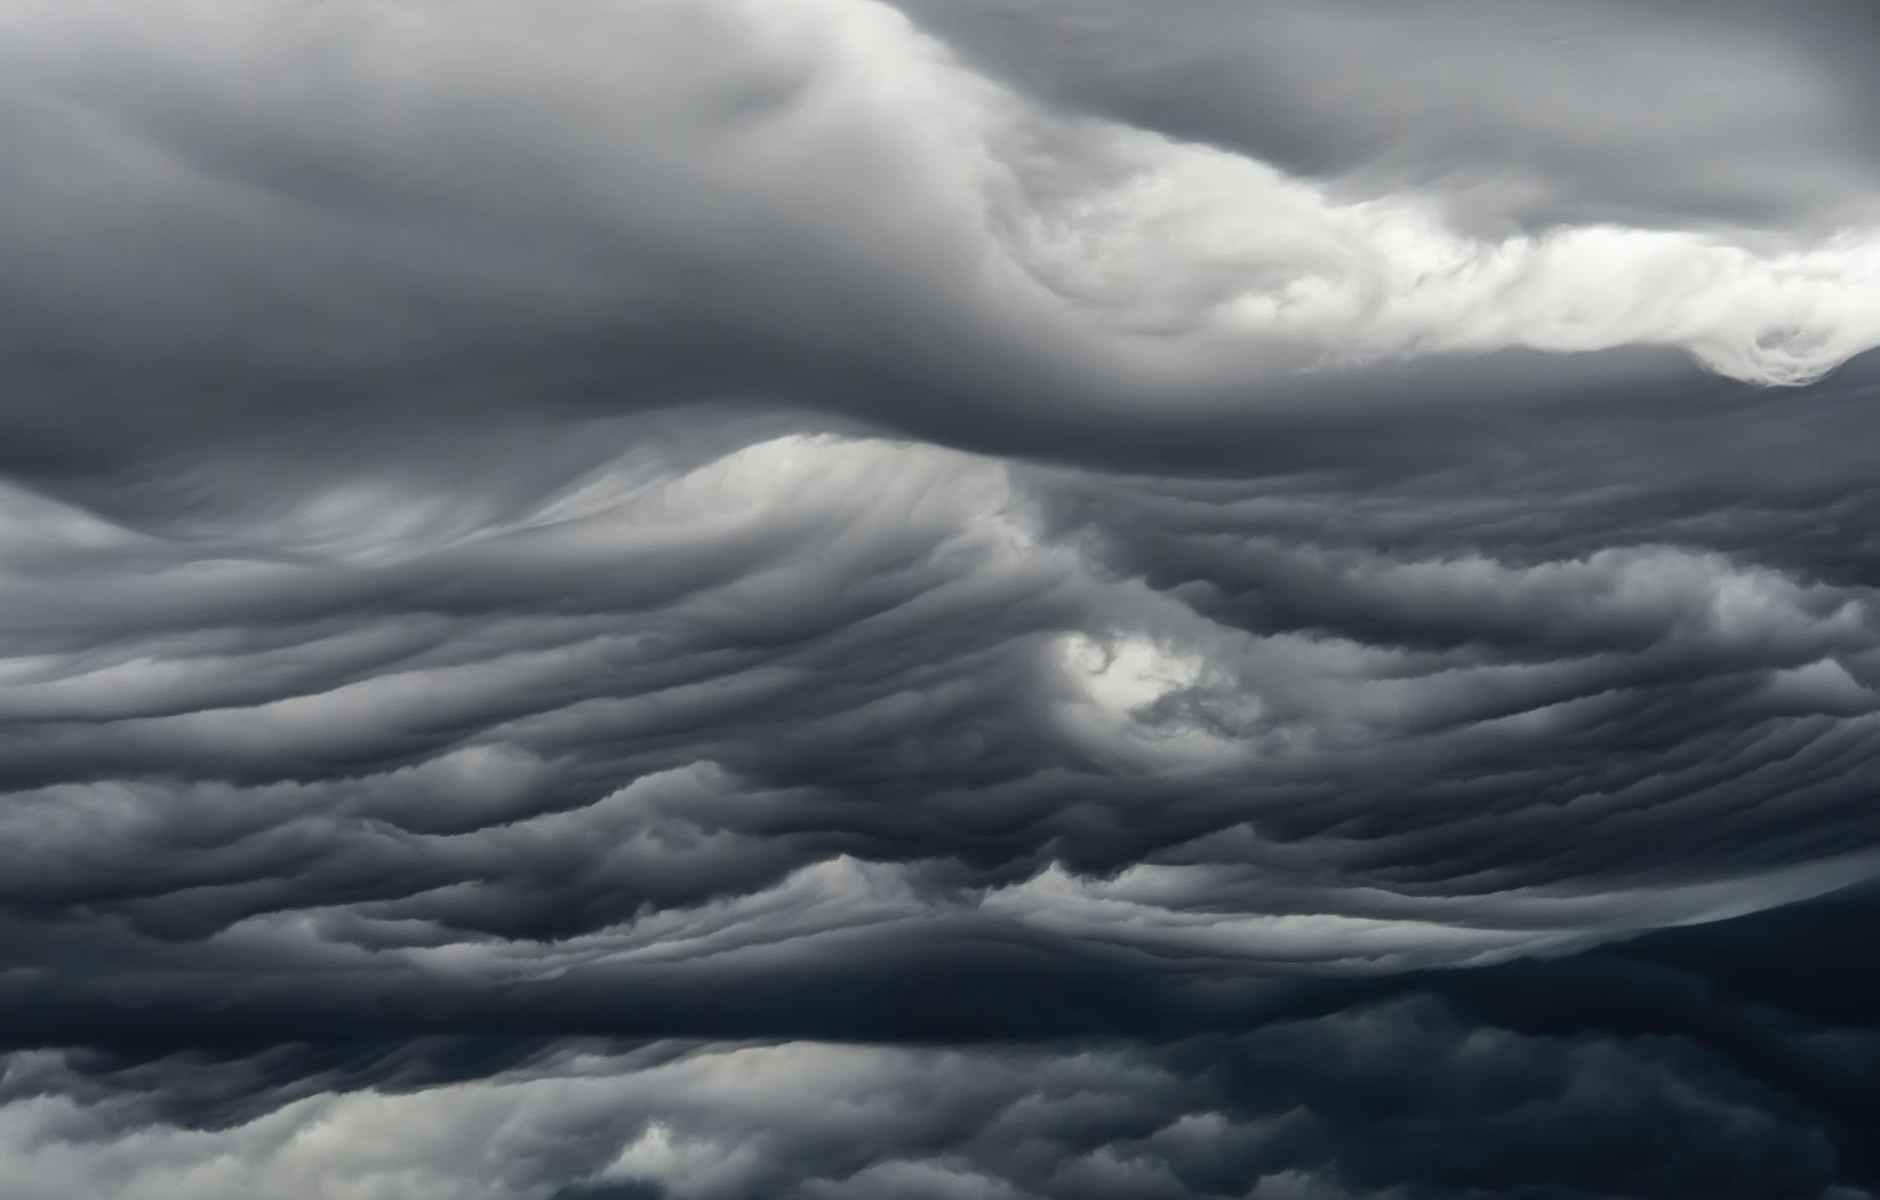 asperitas dark clouds in gloomy sky